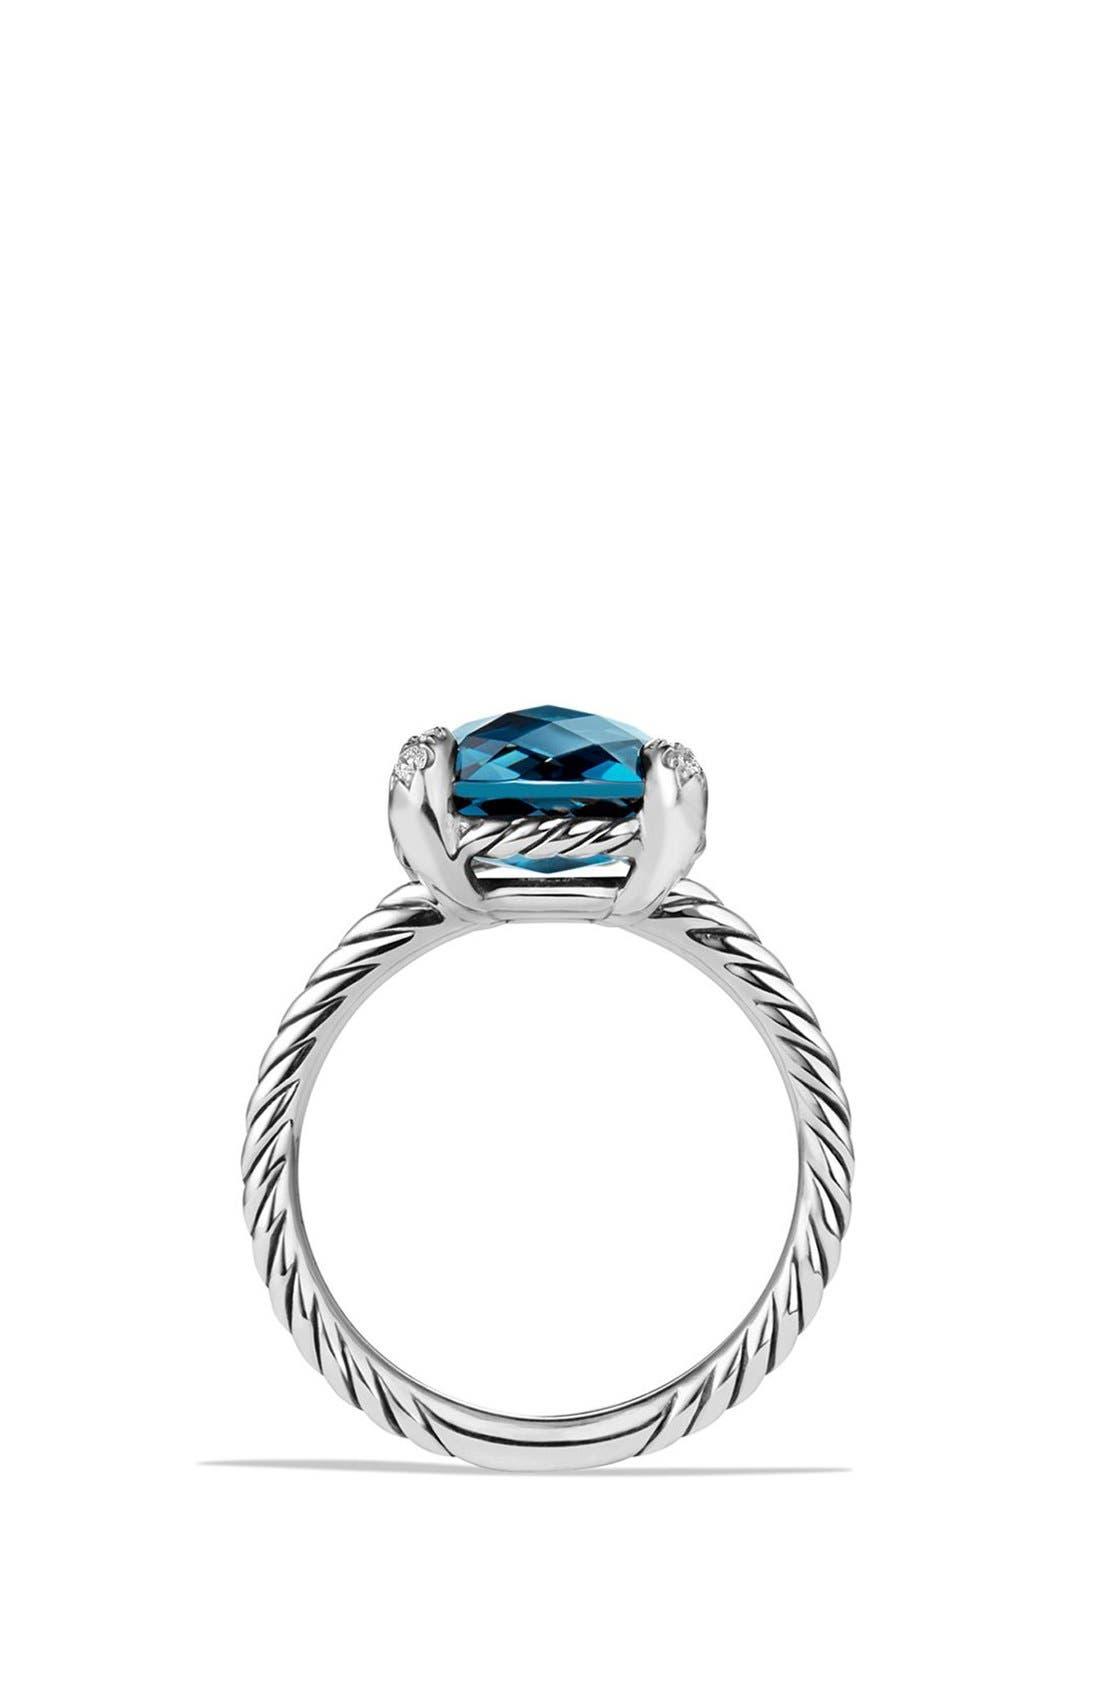 Alternate Image 4  - David Yurman 'Châtelaine' Ring with Semiprecious Stone and Diamonds